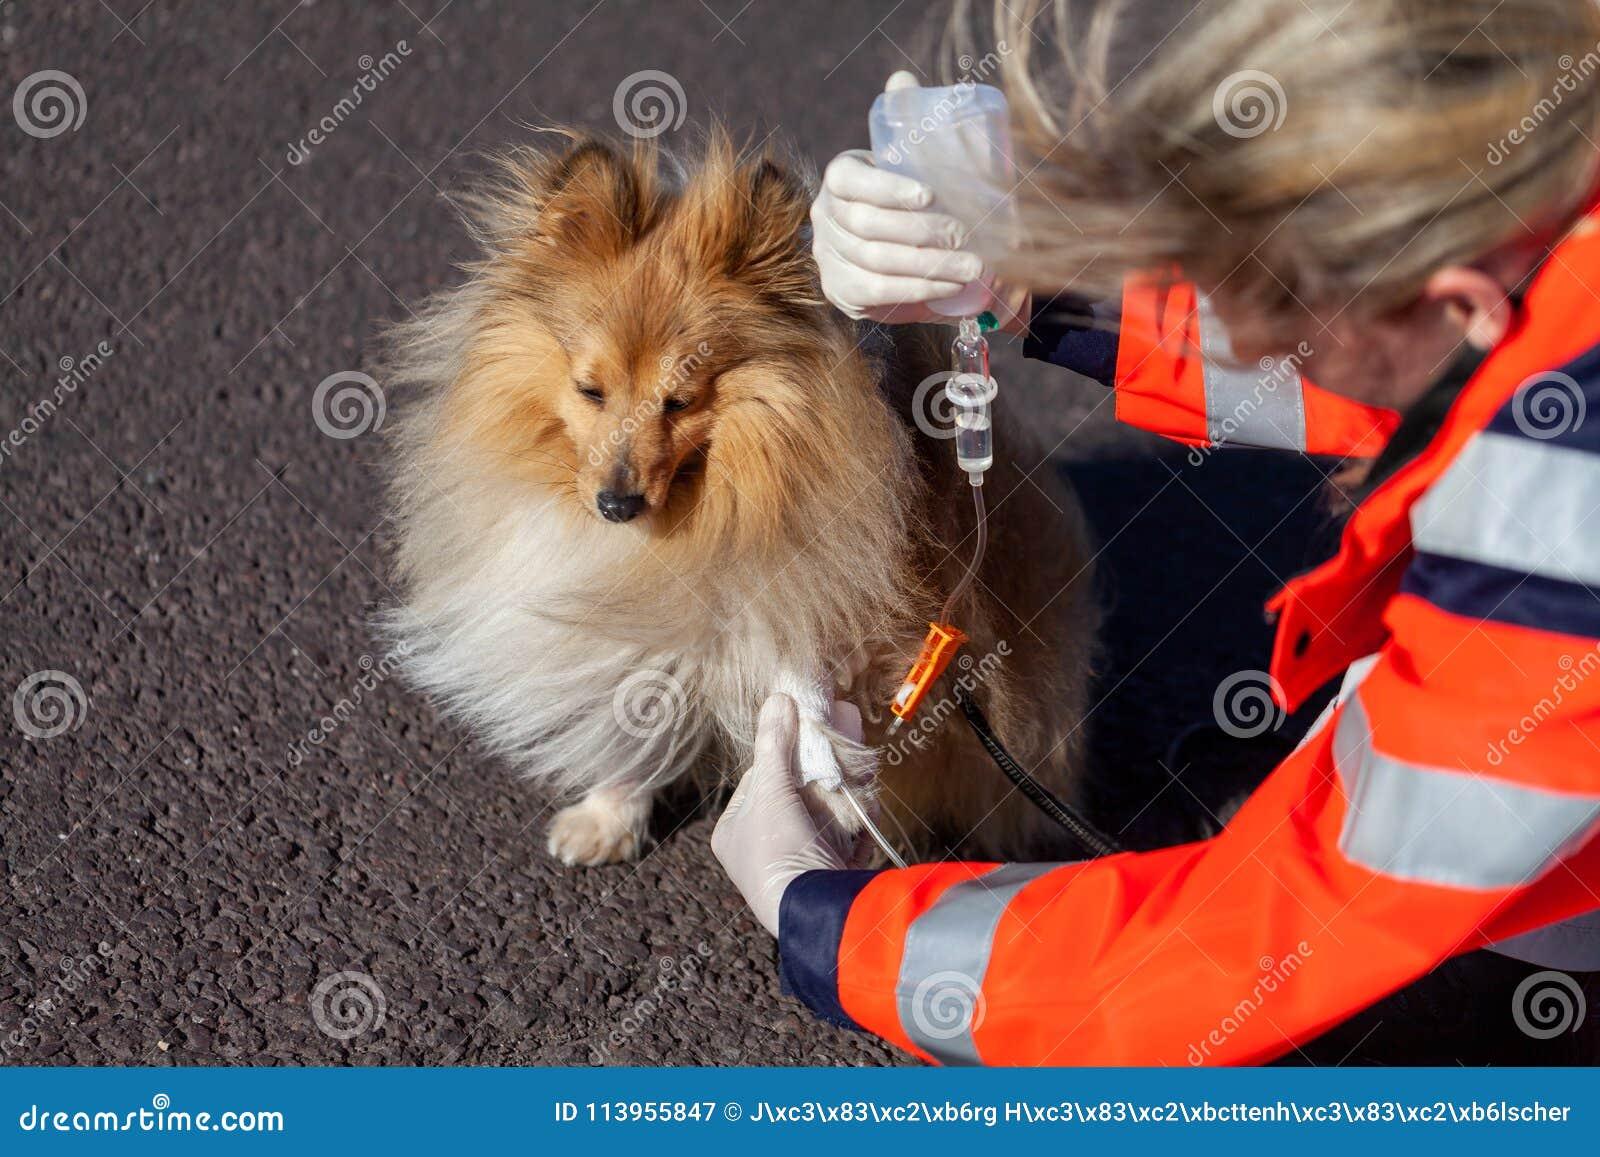 动物军医在狗上把绷带放